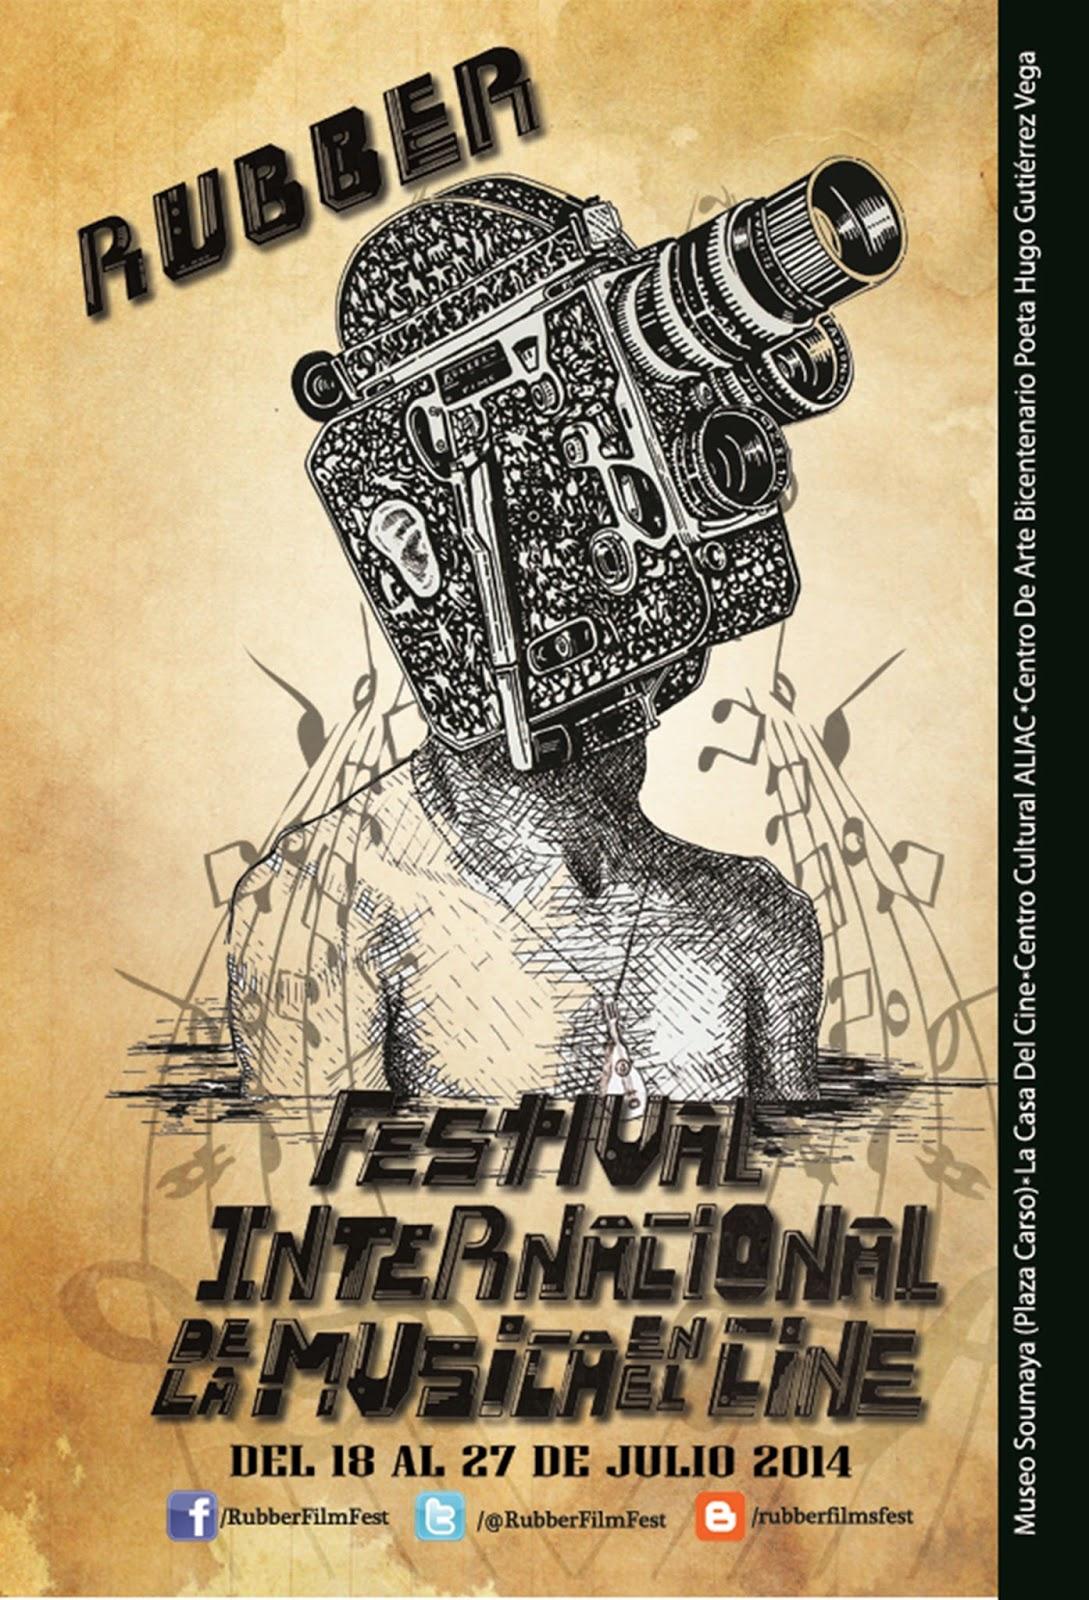 Festival Internacional de la Música en el Cine Rubber 2014